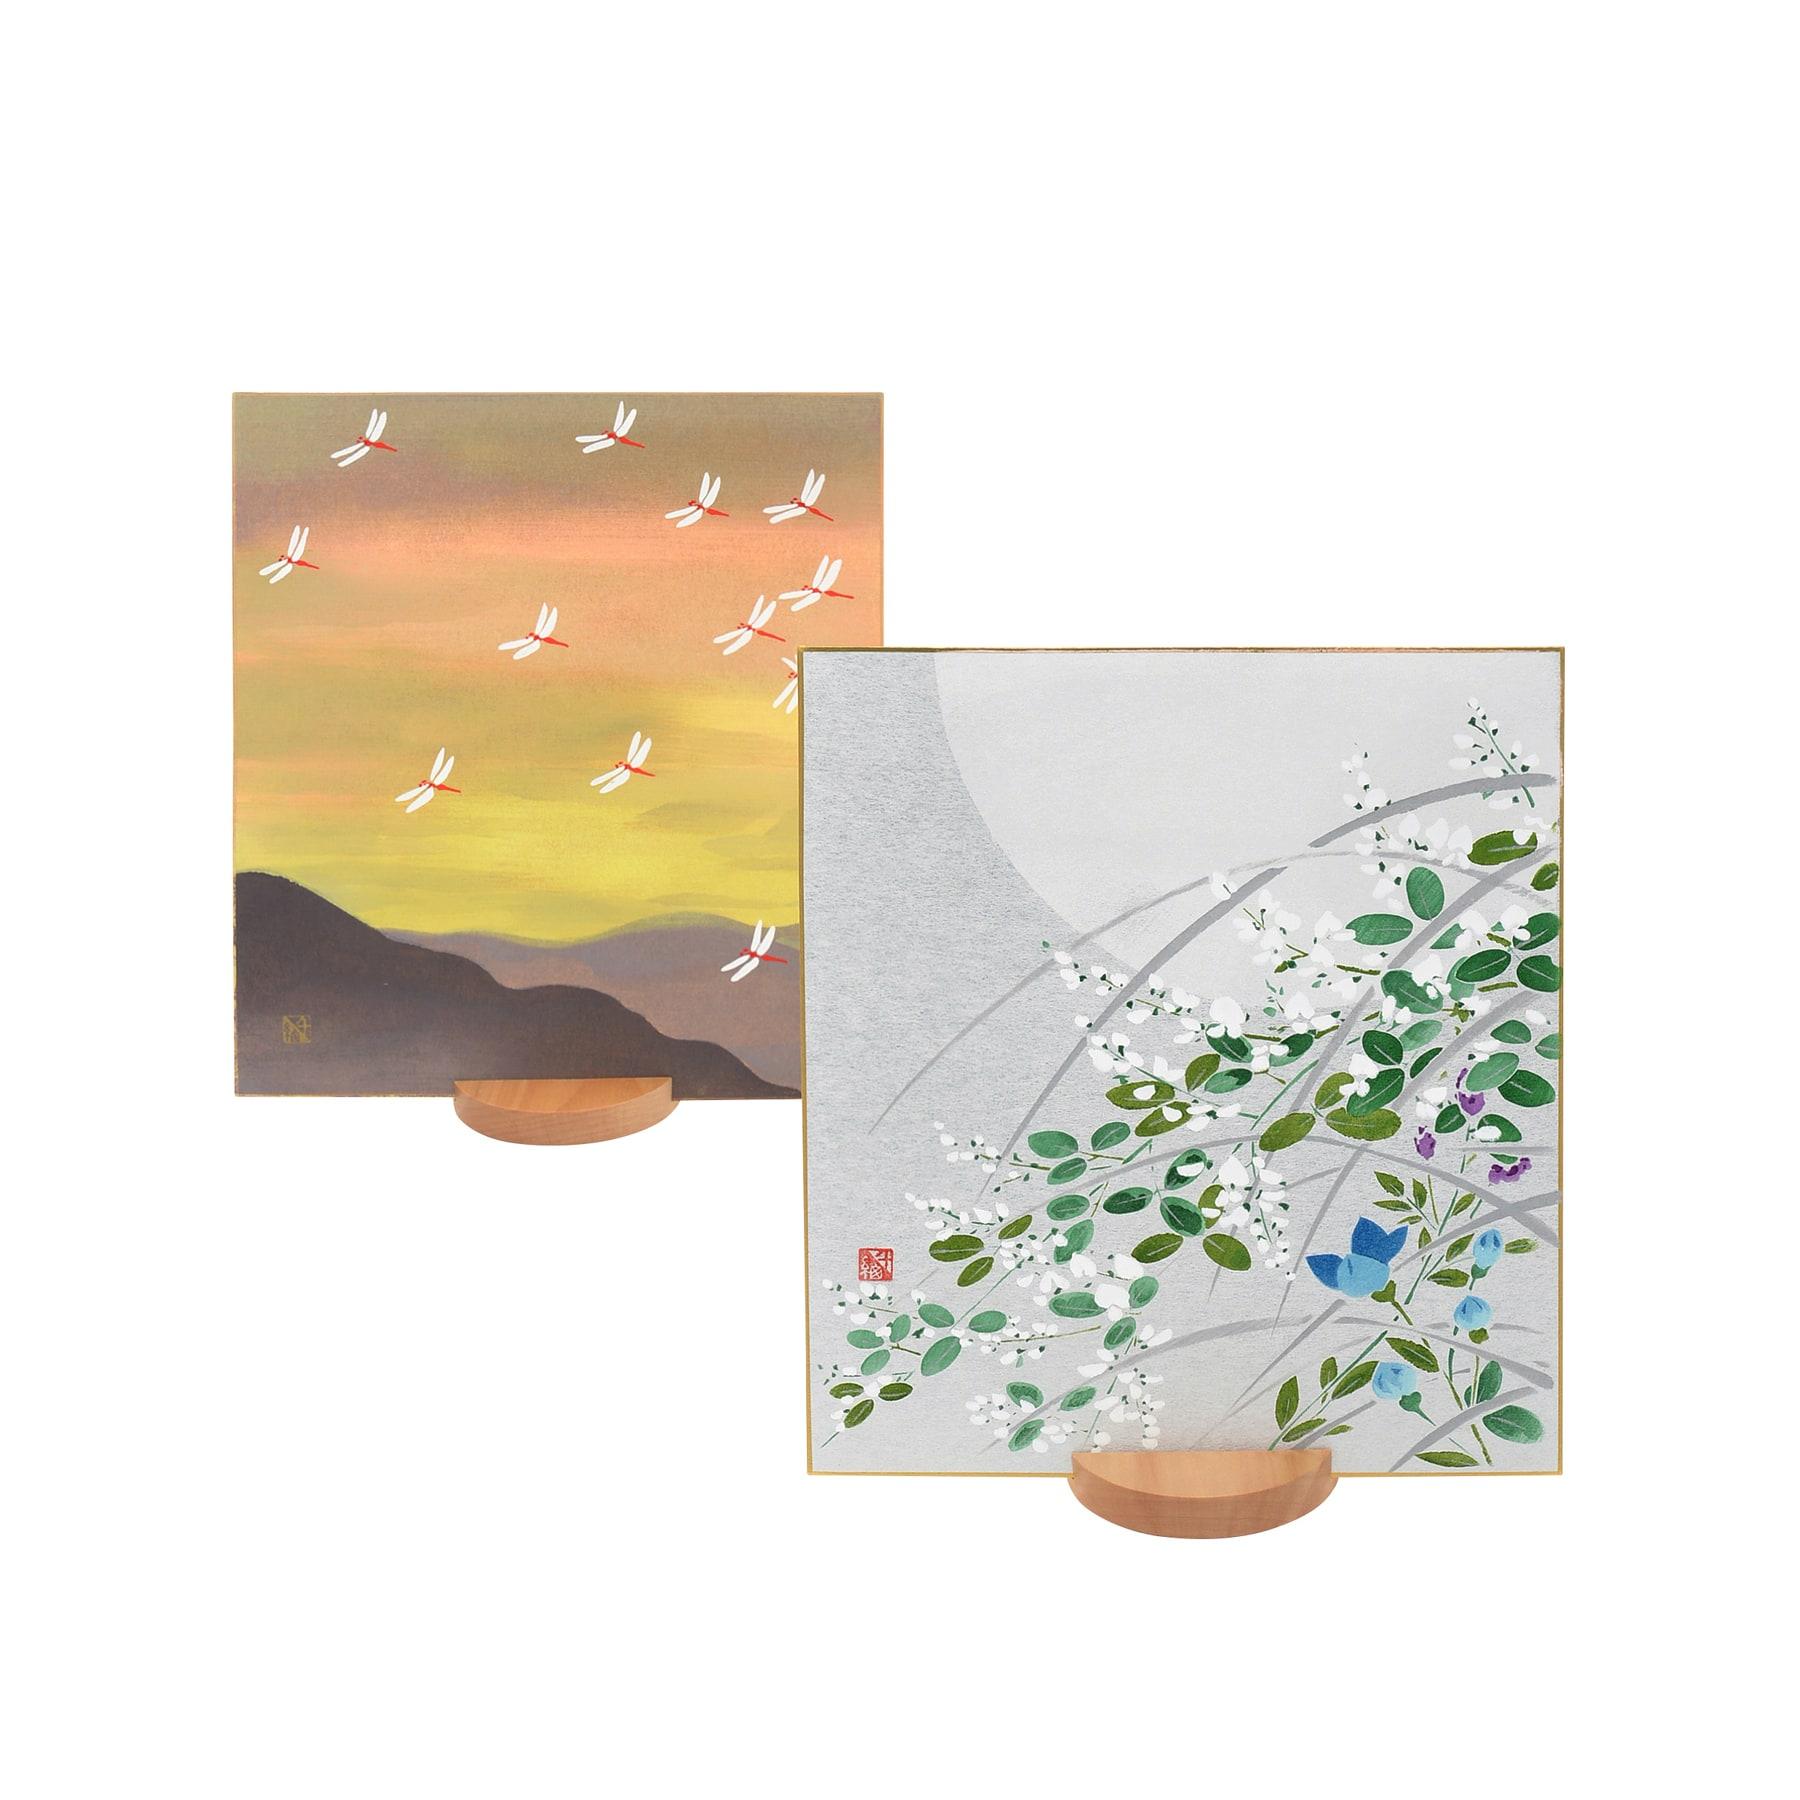 【友禅色紙】 秋のセット 02 | 大 2枚組